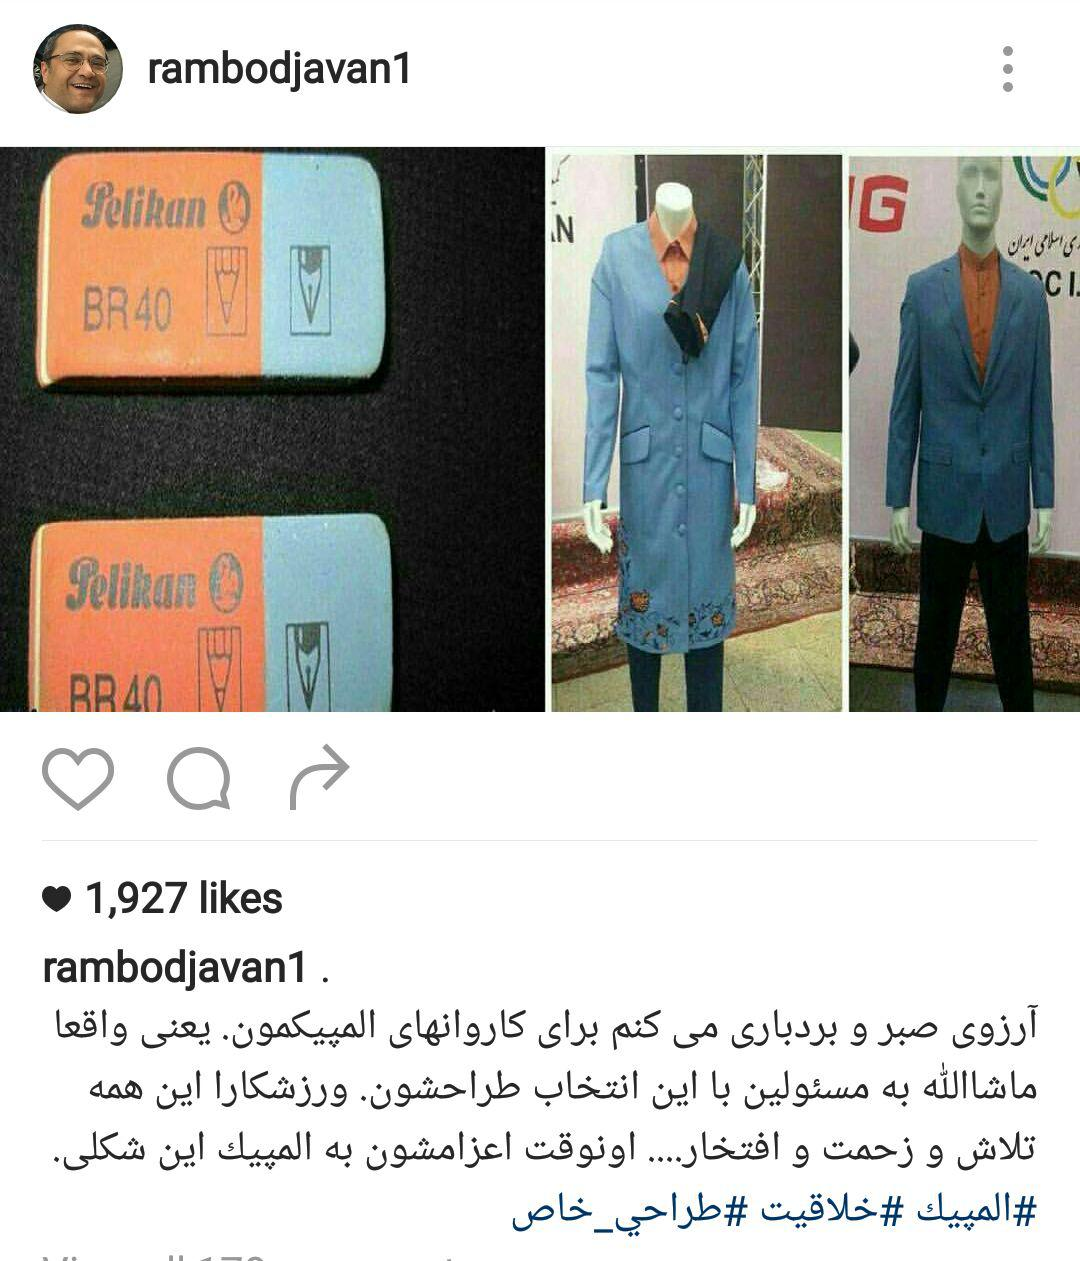 لباس جدید ورزشکاران ایرانی در المپیک عکس/کنایه رامبد جوان به لباس کاروان المپیک - مشرق نیوز